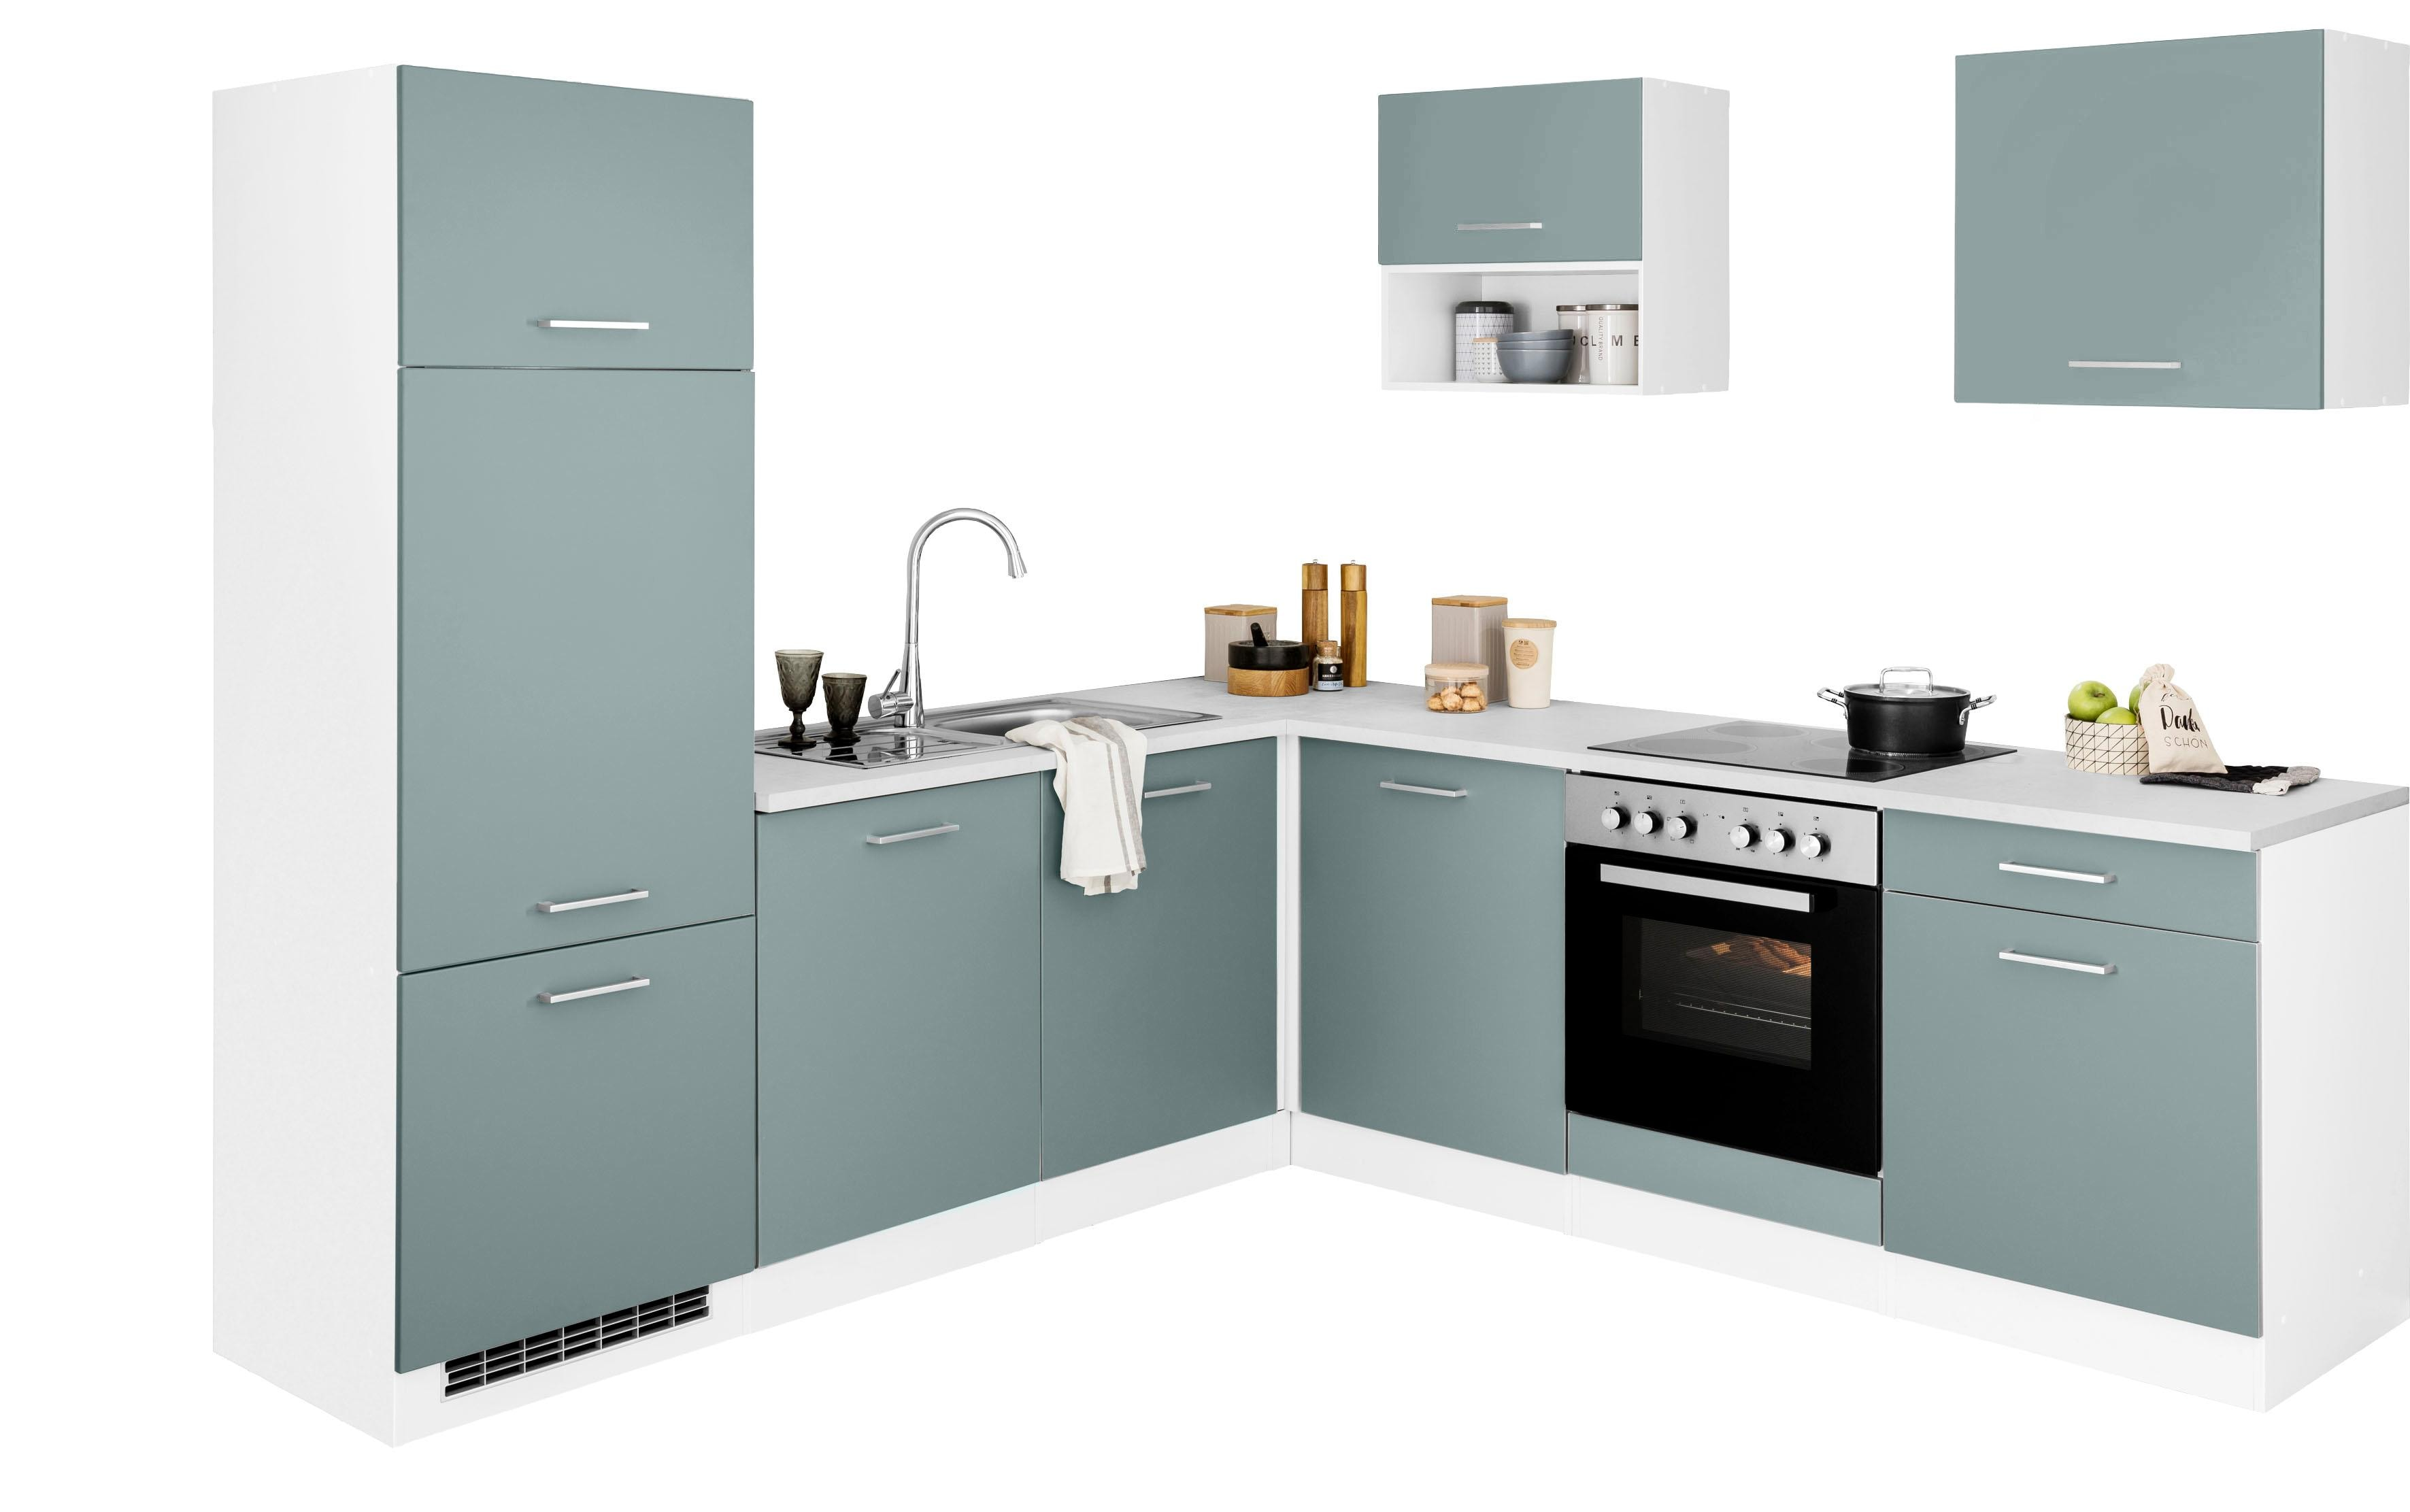 HELD MÖBEL Winkelküche »Visby«, ohne E-Geräte, Stellbreite 240 x 240 cm | Küche und Esszimmer > Küchen > Winkelküchen | HELD MÖBEL